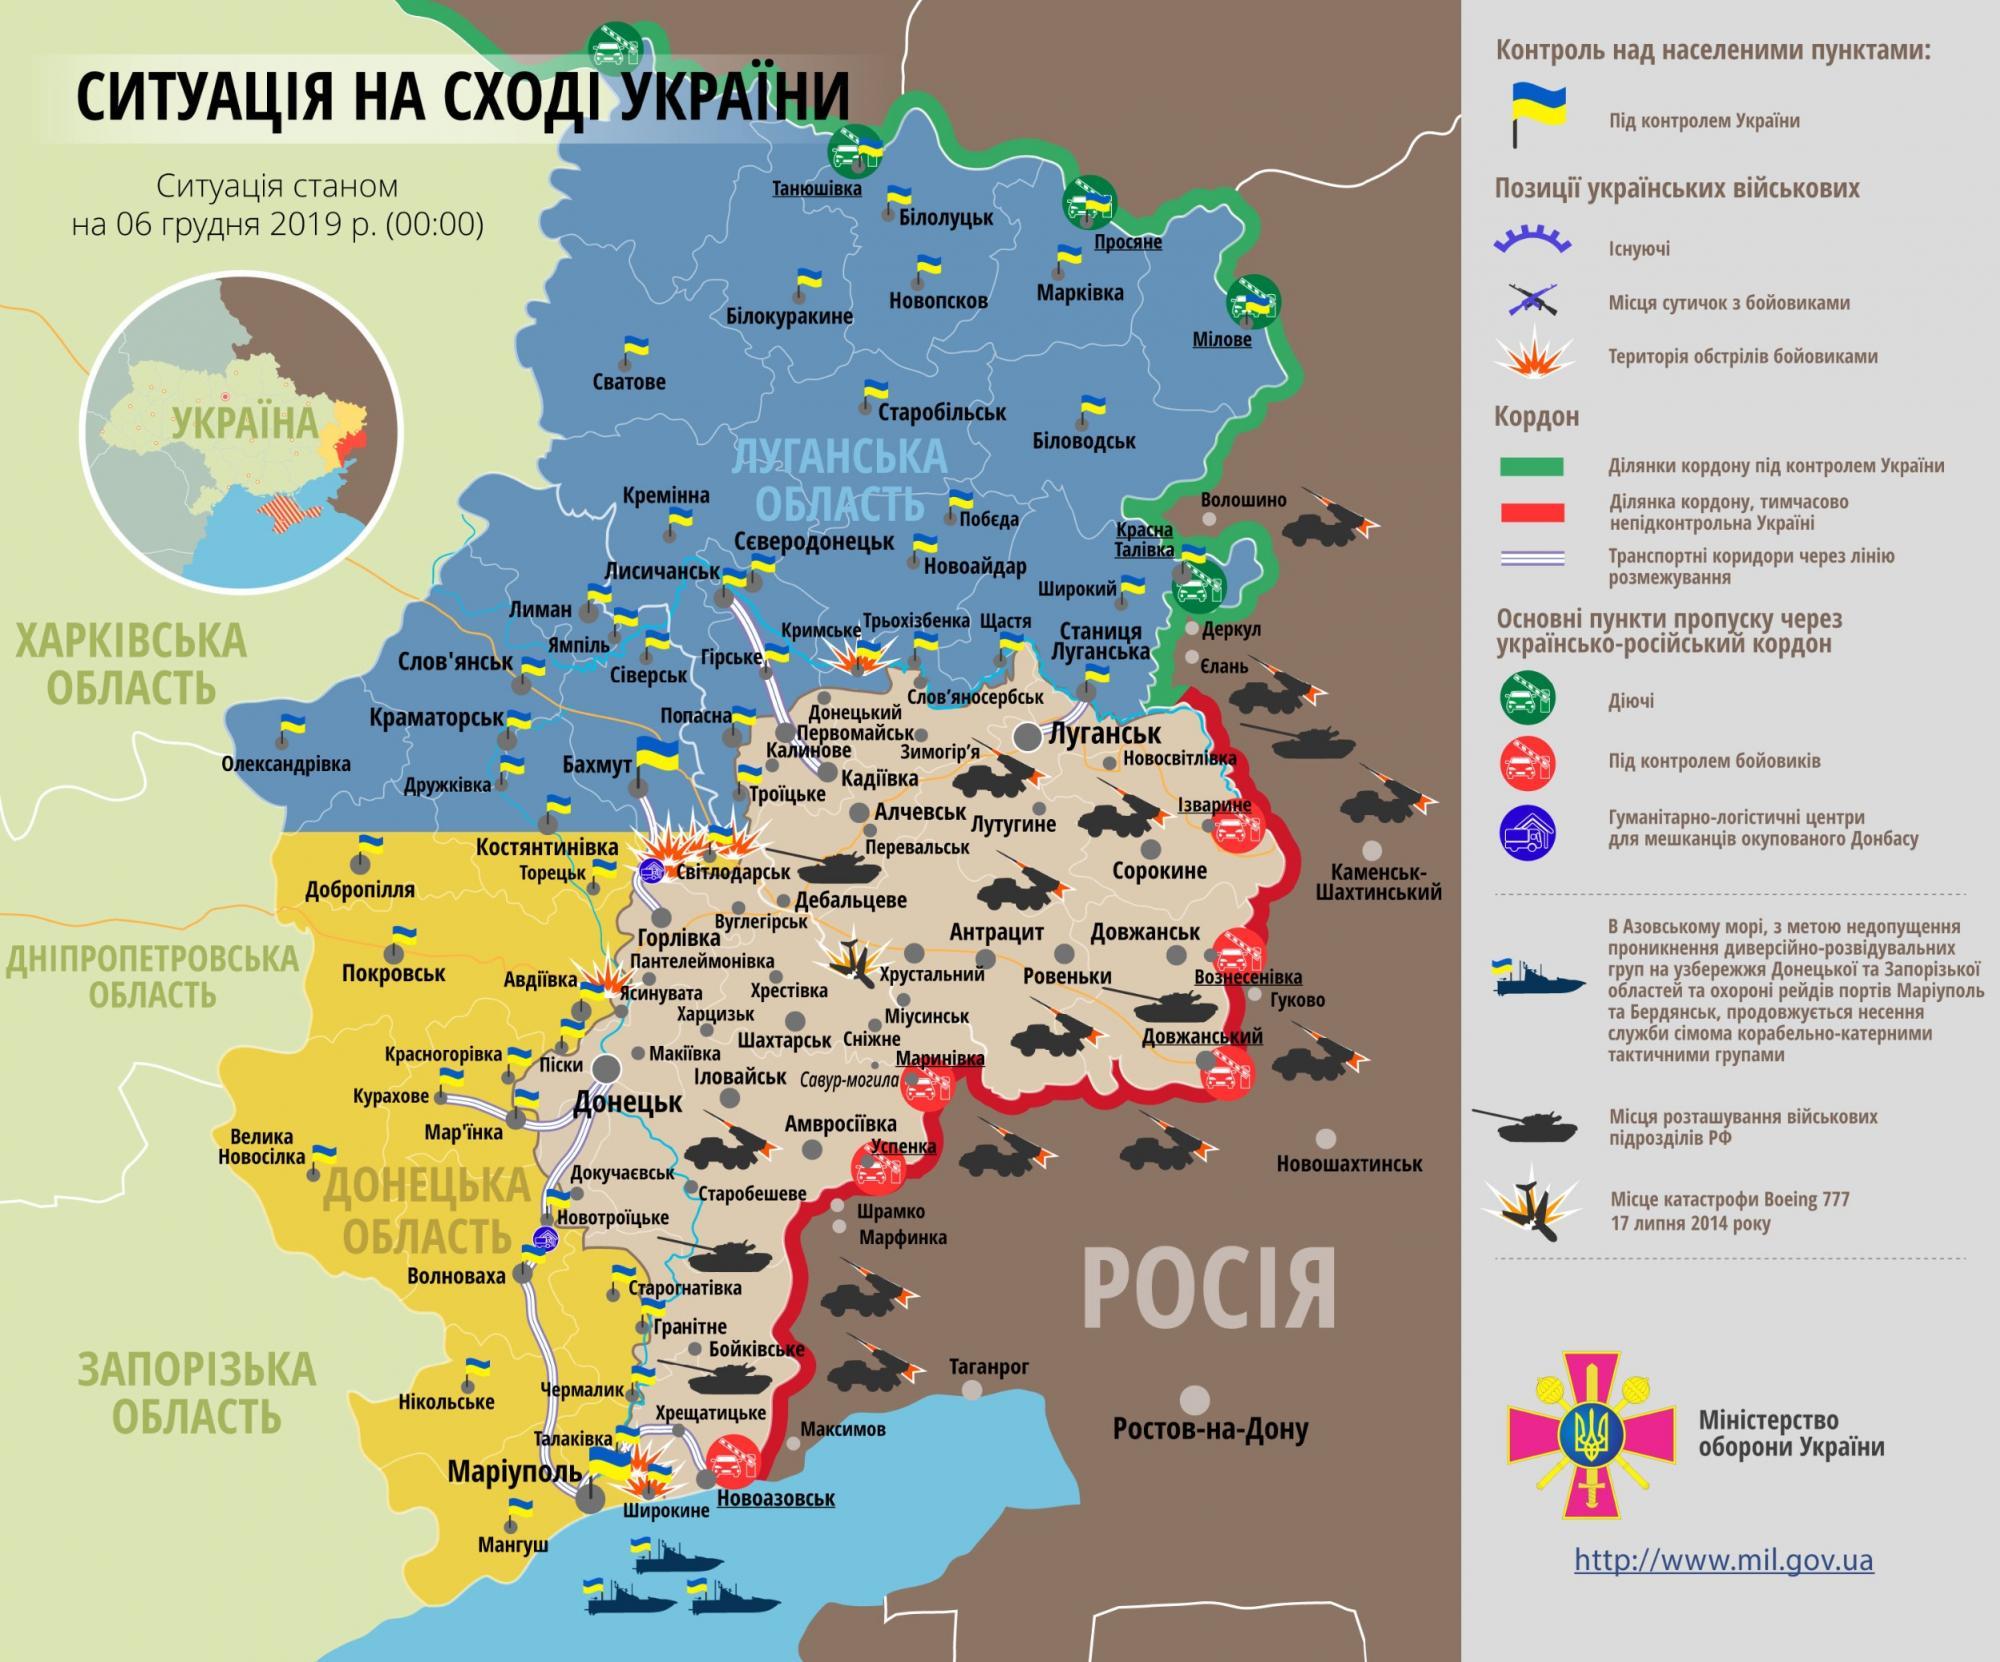 Ситуація на Донбасі станом на 6 грудня 2019 року (mil.gov.ua)